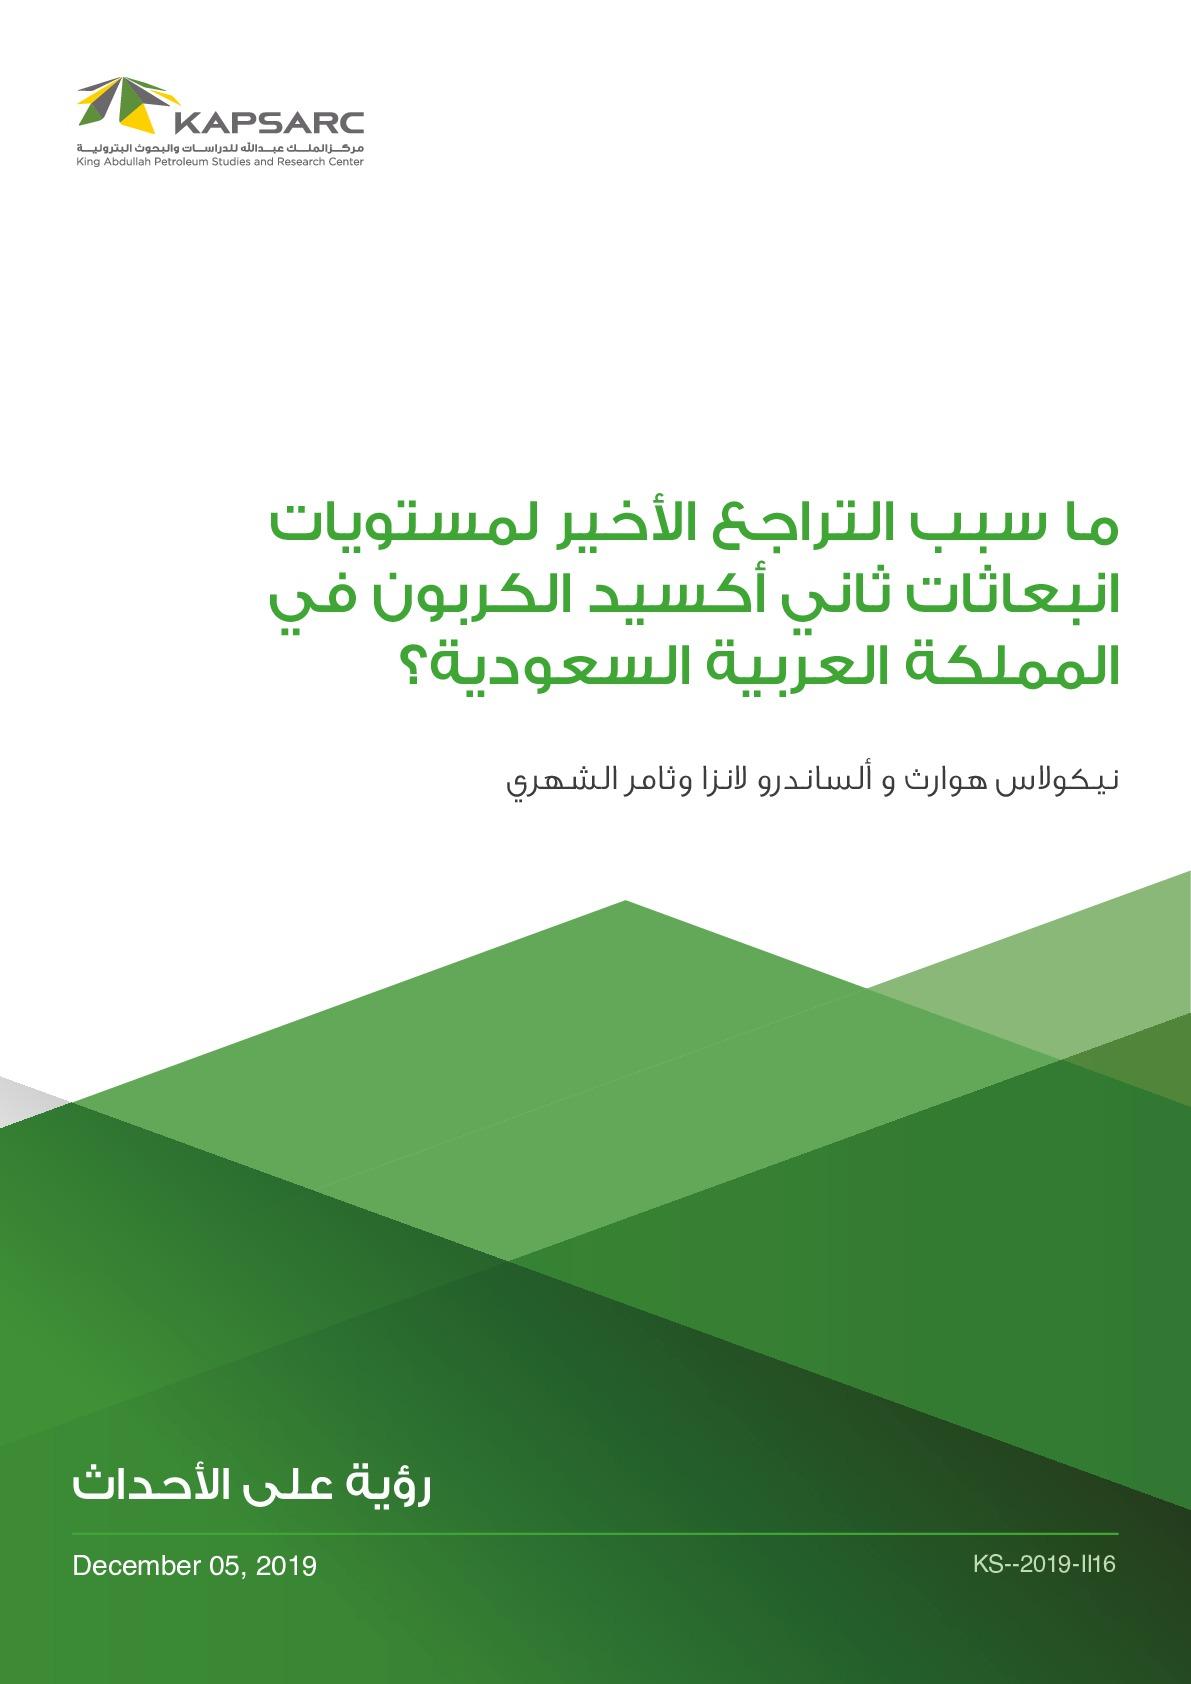 ما سبب التراجع الأخير لمستويات انبعاثات ثاني أكسيد الكربون في المملكة العربية السعودية؟